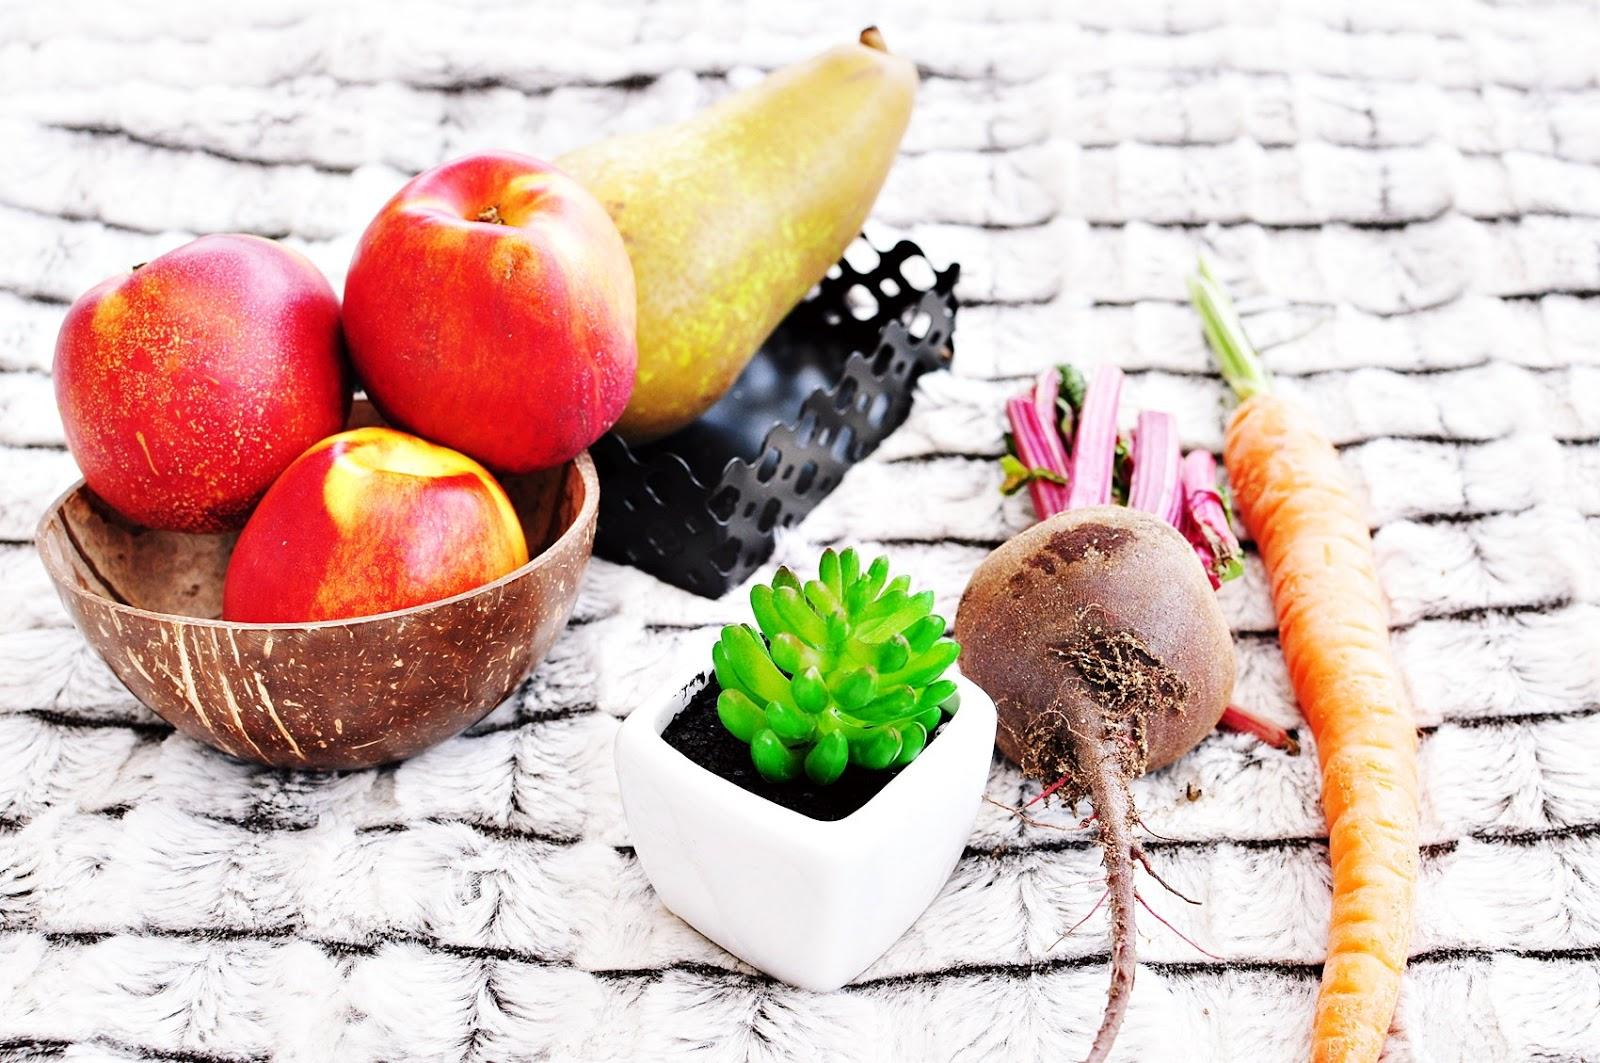 twoje-dziecko-nie chce-jeść-warzyw_owoców